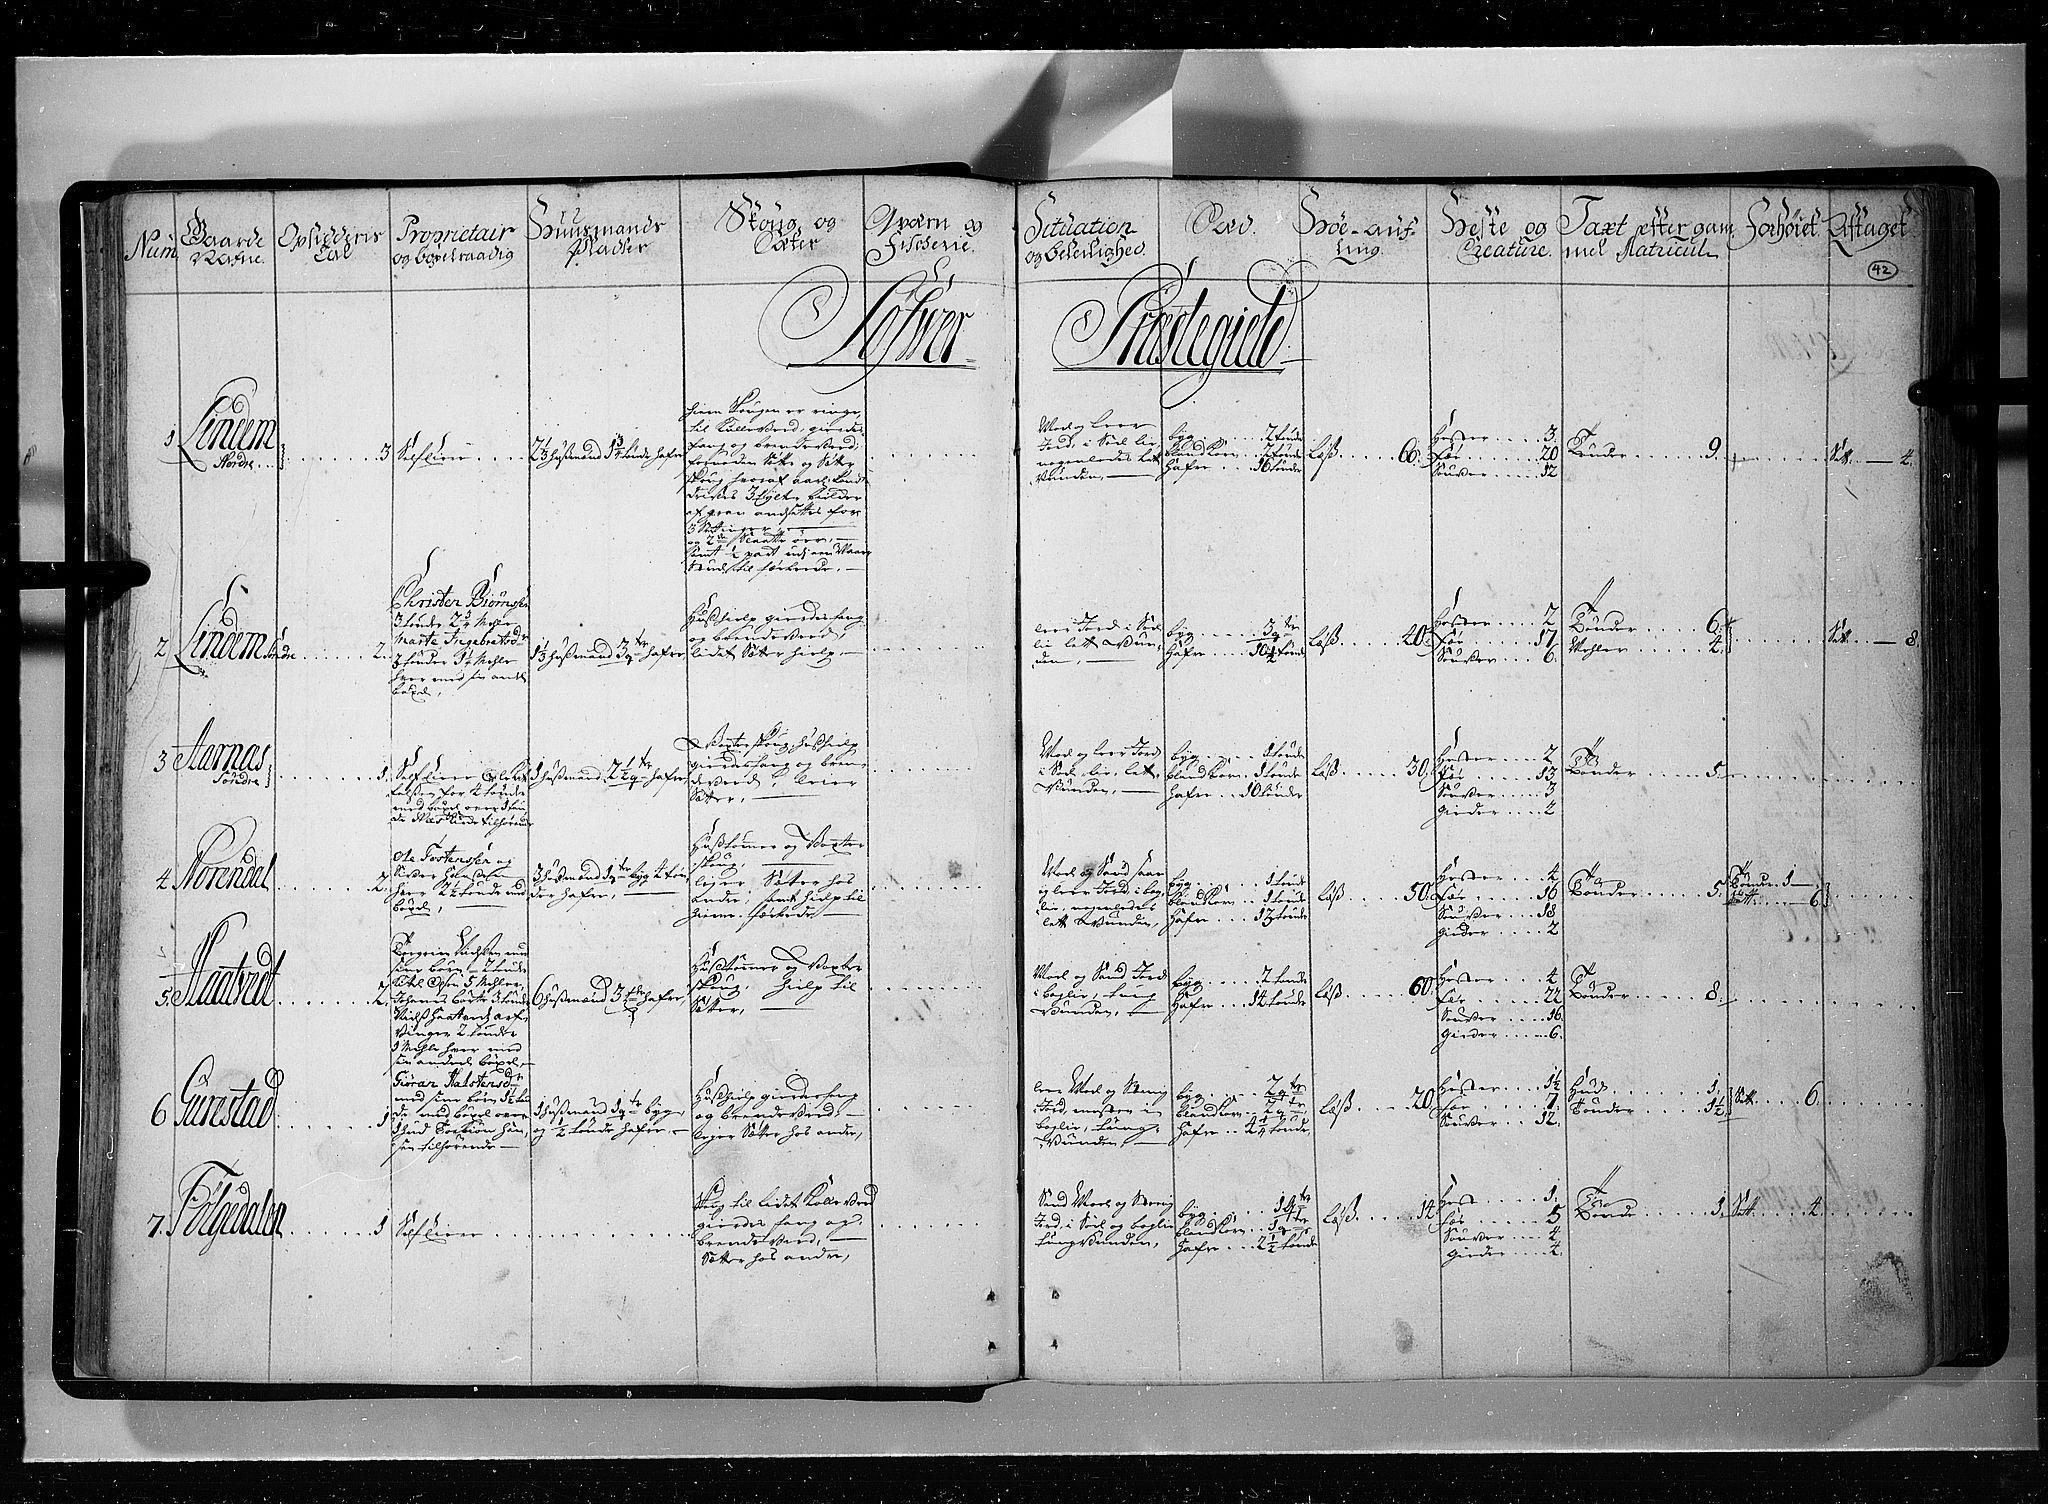 RA, Rentekammeret inntil 1814, Realistisk ordnet avdeling, N/Nb/Nbf/L0121: Øvre og Nedre Telemark eksaminasjonsprotokoll, 1723, s. 41b-42a